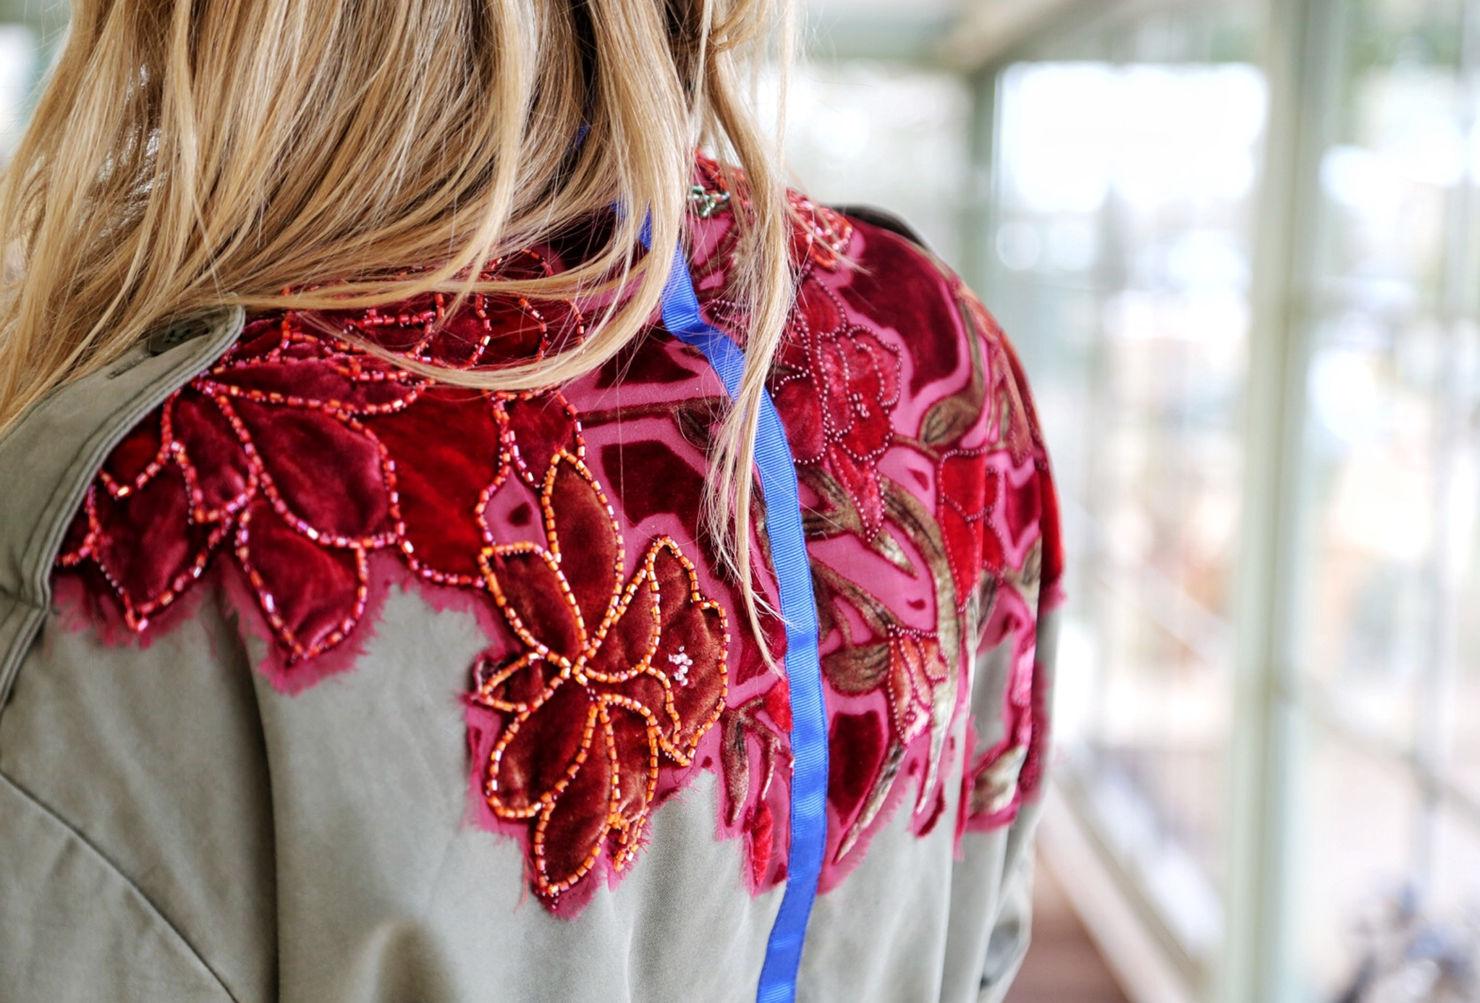 ¿Has escuchado sobre el supraciclaje de moda? Conoce más sobre esta tendencia sustentable